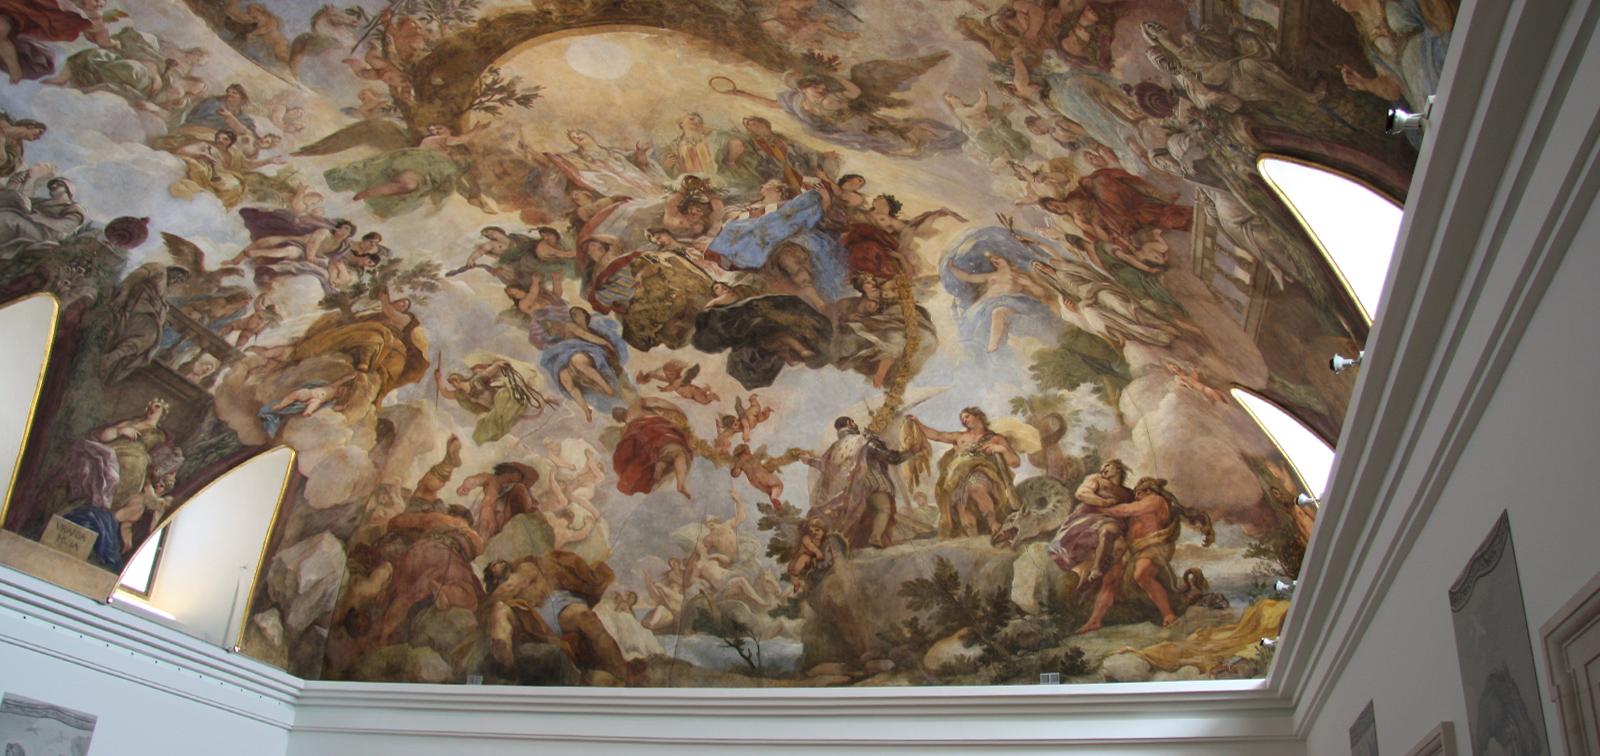 Visitas guiadas a la bóveda de Luca Giordano en la sala de lectura de la Biblioteca del Museo del Prado. Día del Libro 2019